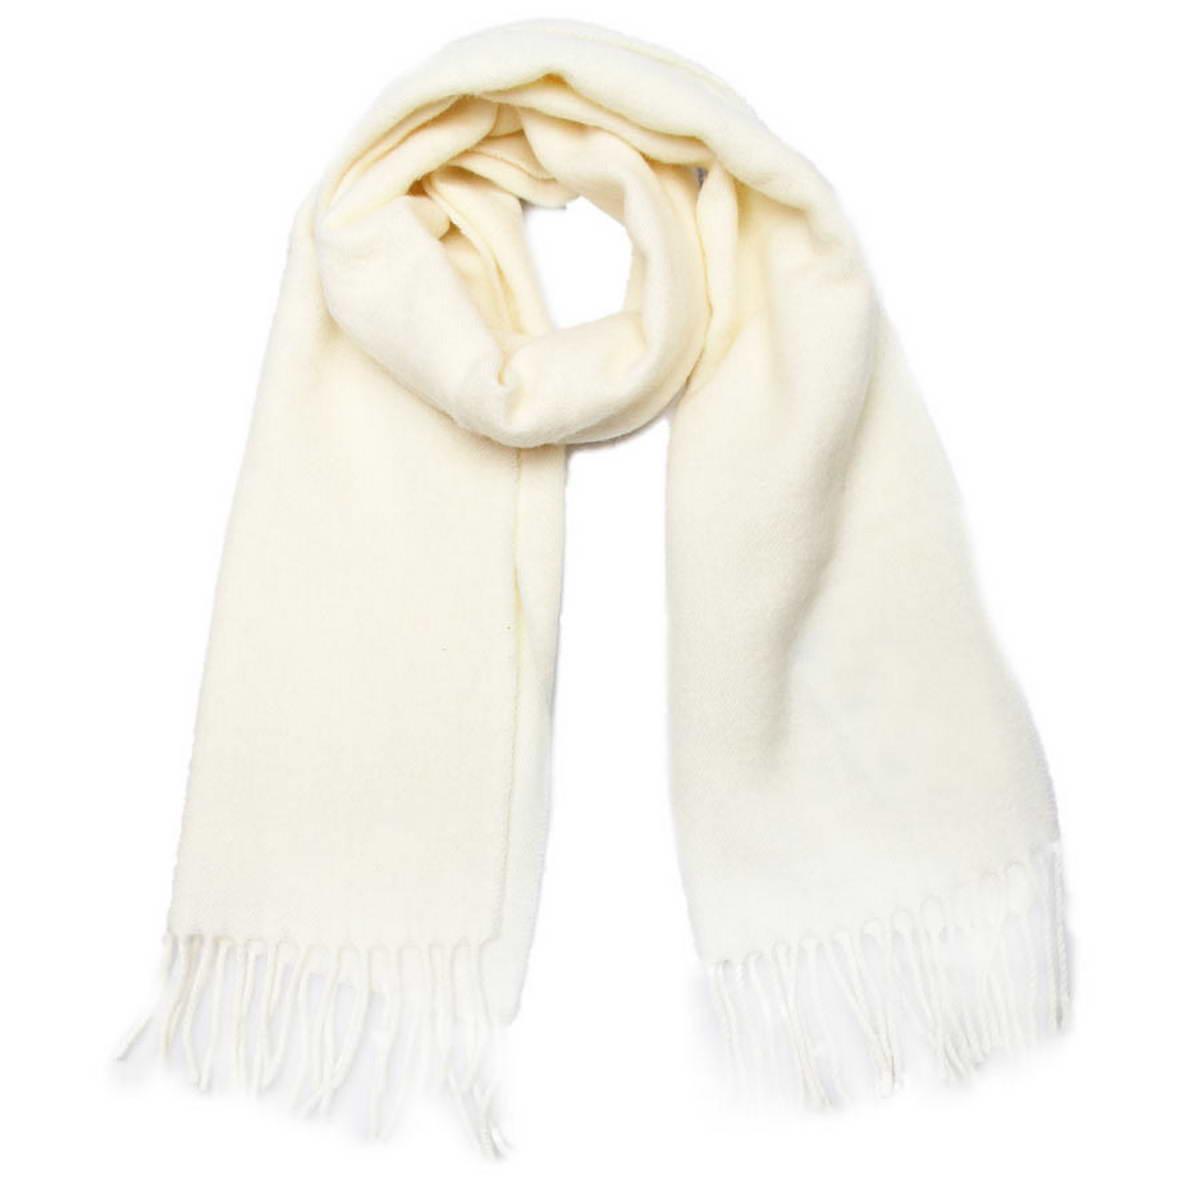 Шарф Venera, цвет: молочный. 5002432-5. Размер 30 см х 145 см5002432-5Классический однотонный шарф Venera, выполненный из натуральной шерсти, создан подчеркнуть ваш неординарный вкус и согреть вас в прохладное время года. Модель дополнена кисточками по краям, несмотря на простой дизайн, аксессуар сделает ваш образ стильным и завершенным.Этот модный аксессуар не только согреет вас в холодное время года, но гармонично дополнит ваш образ.